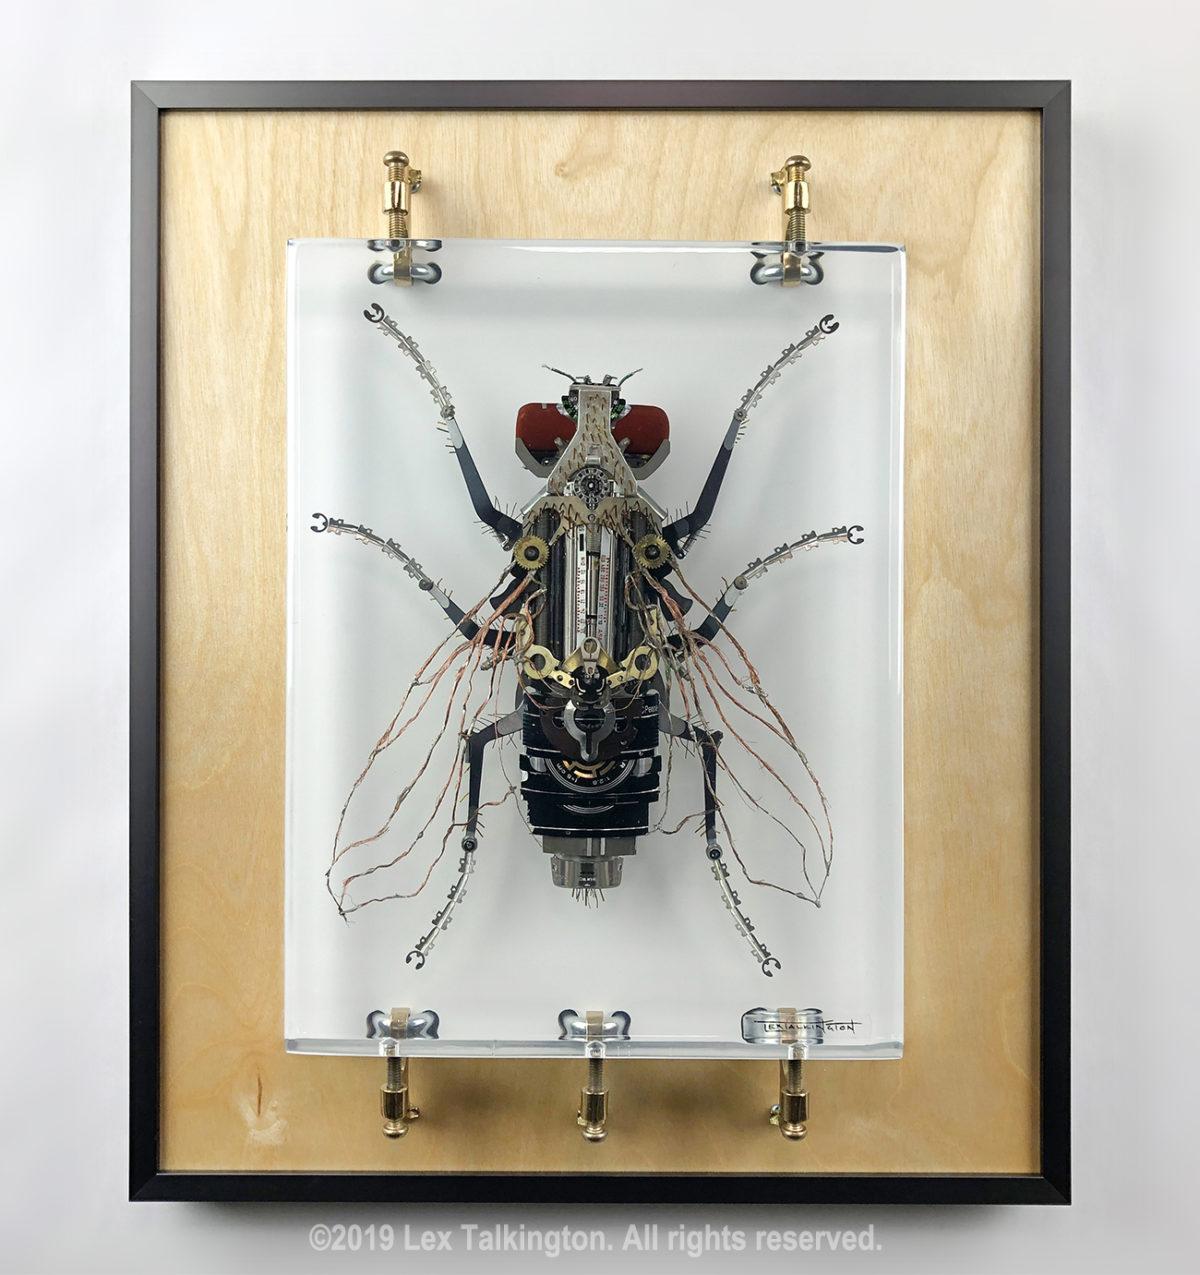 Lex Talkington mechfossil fly sculpture